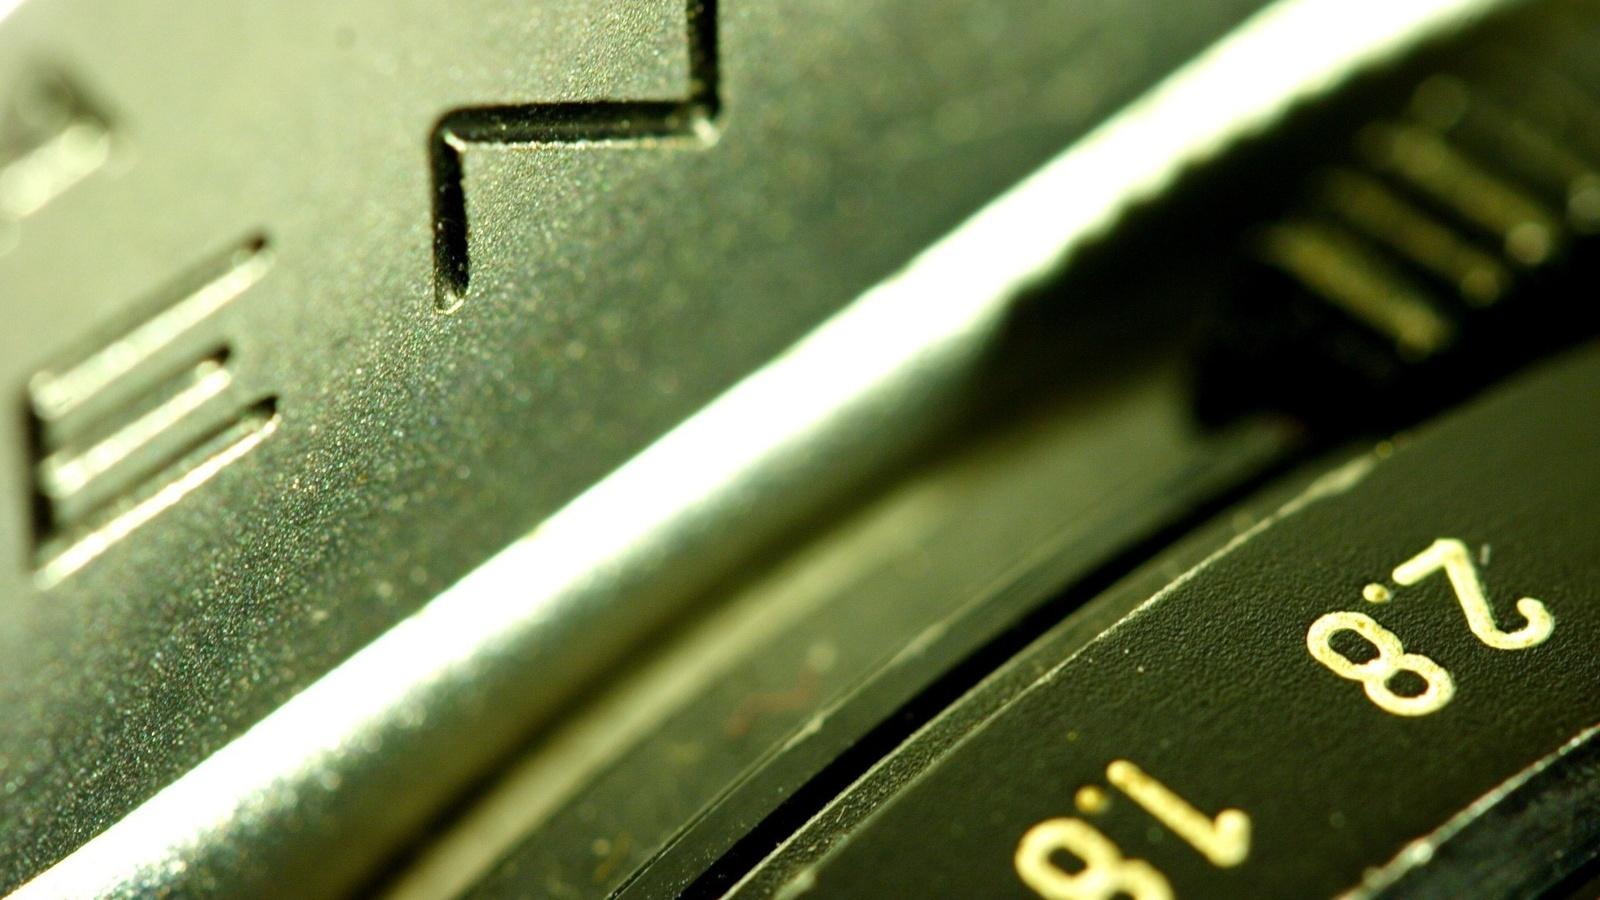 фотоаппарат, циферки, выдержка, фототехника, фото